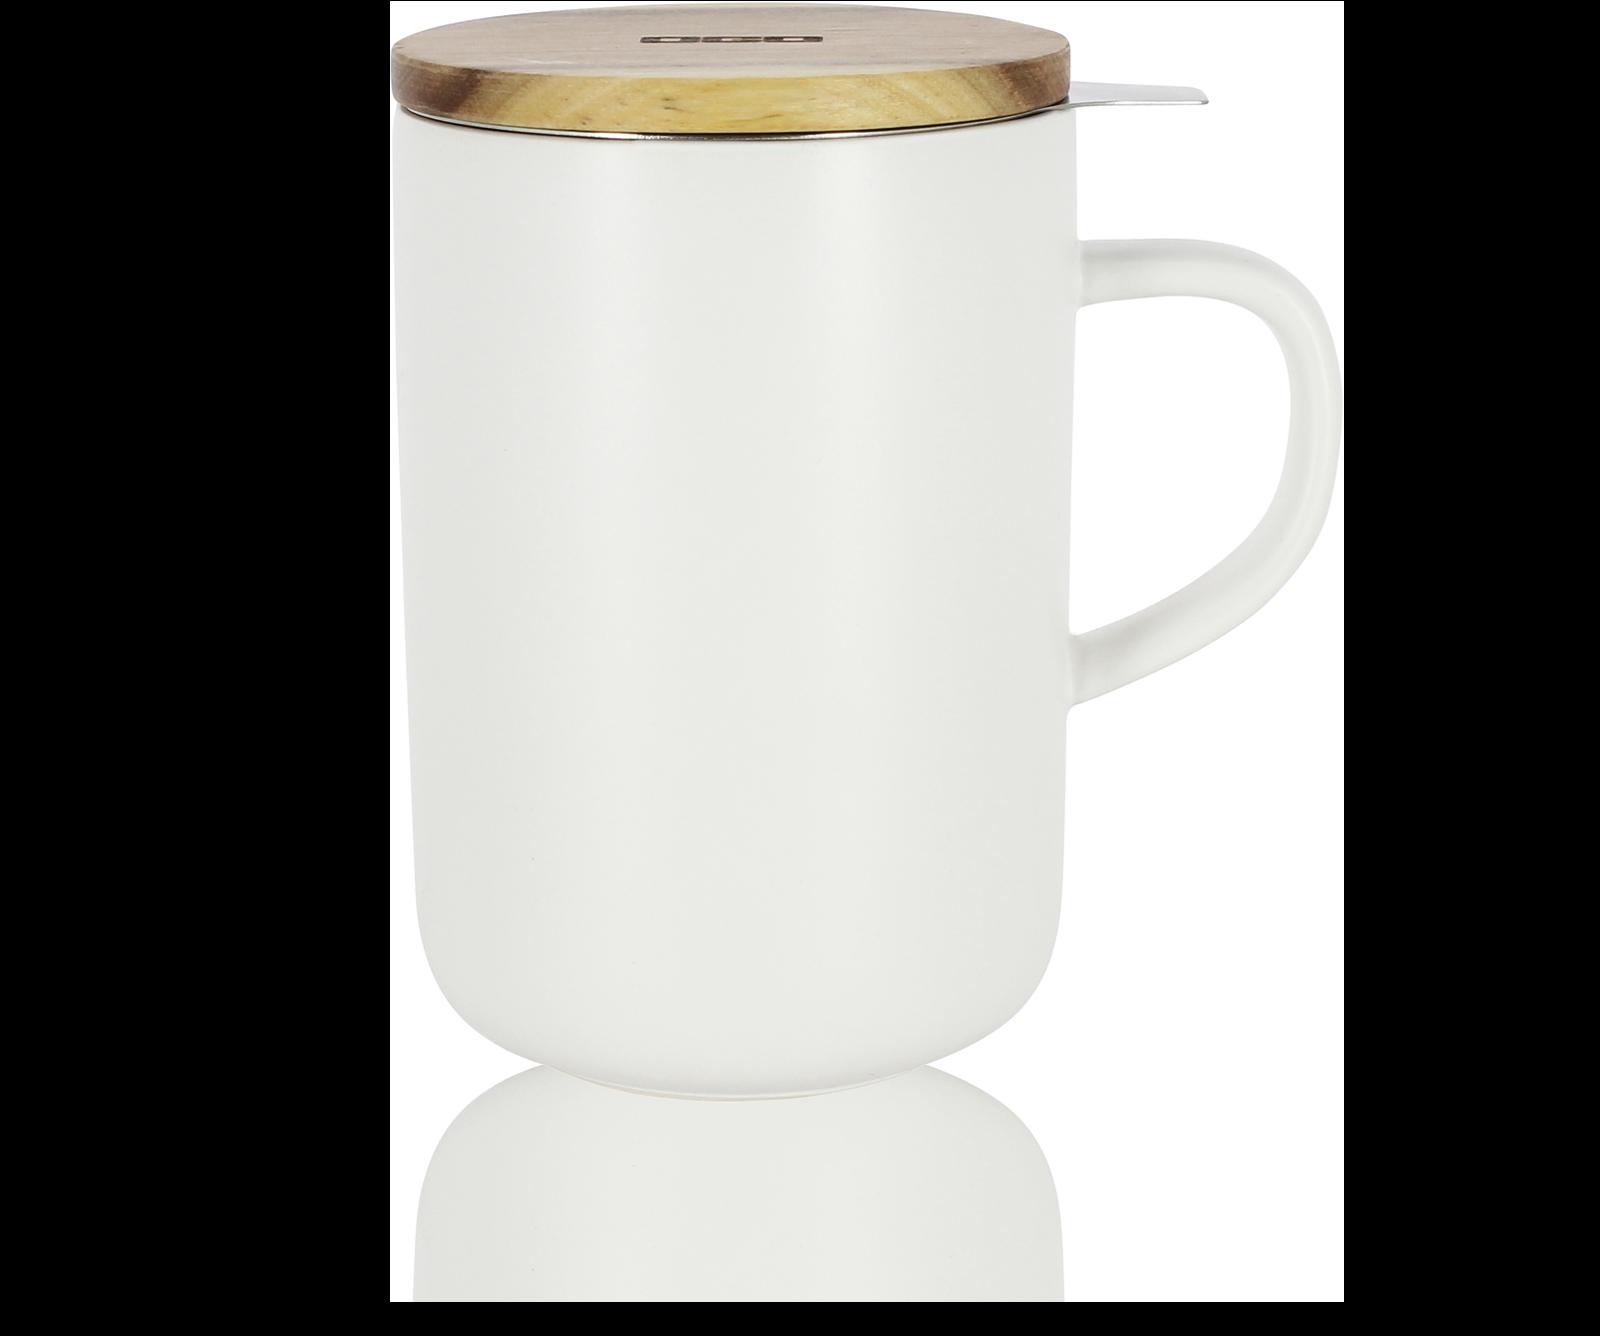 Tisanière en grès 48Cl, couvercle bois, filtre inox - Tasse à thé Kusmi Tea